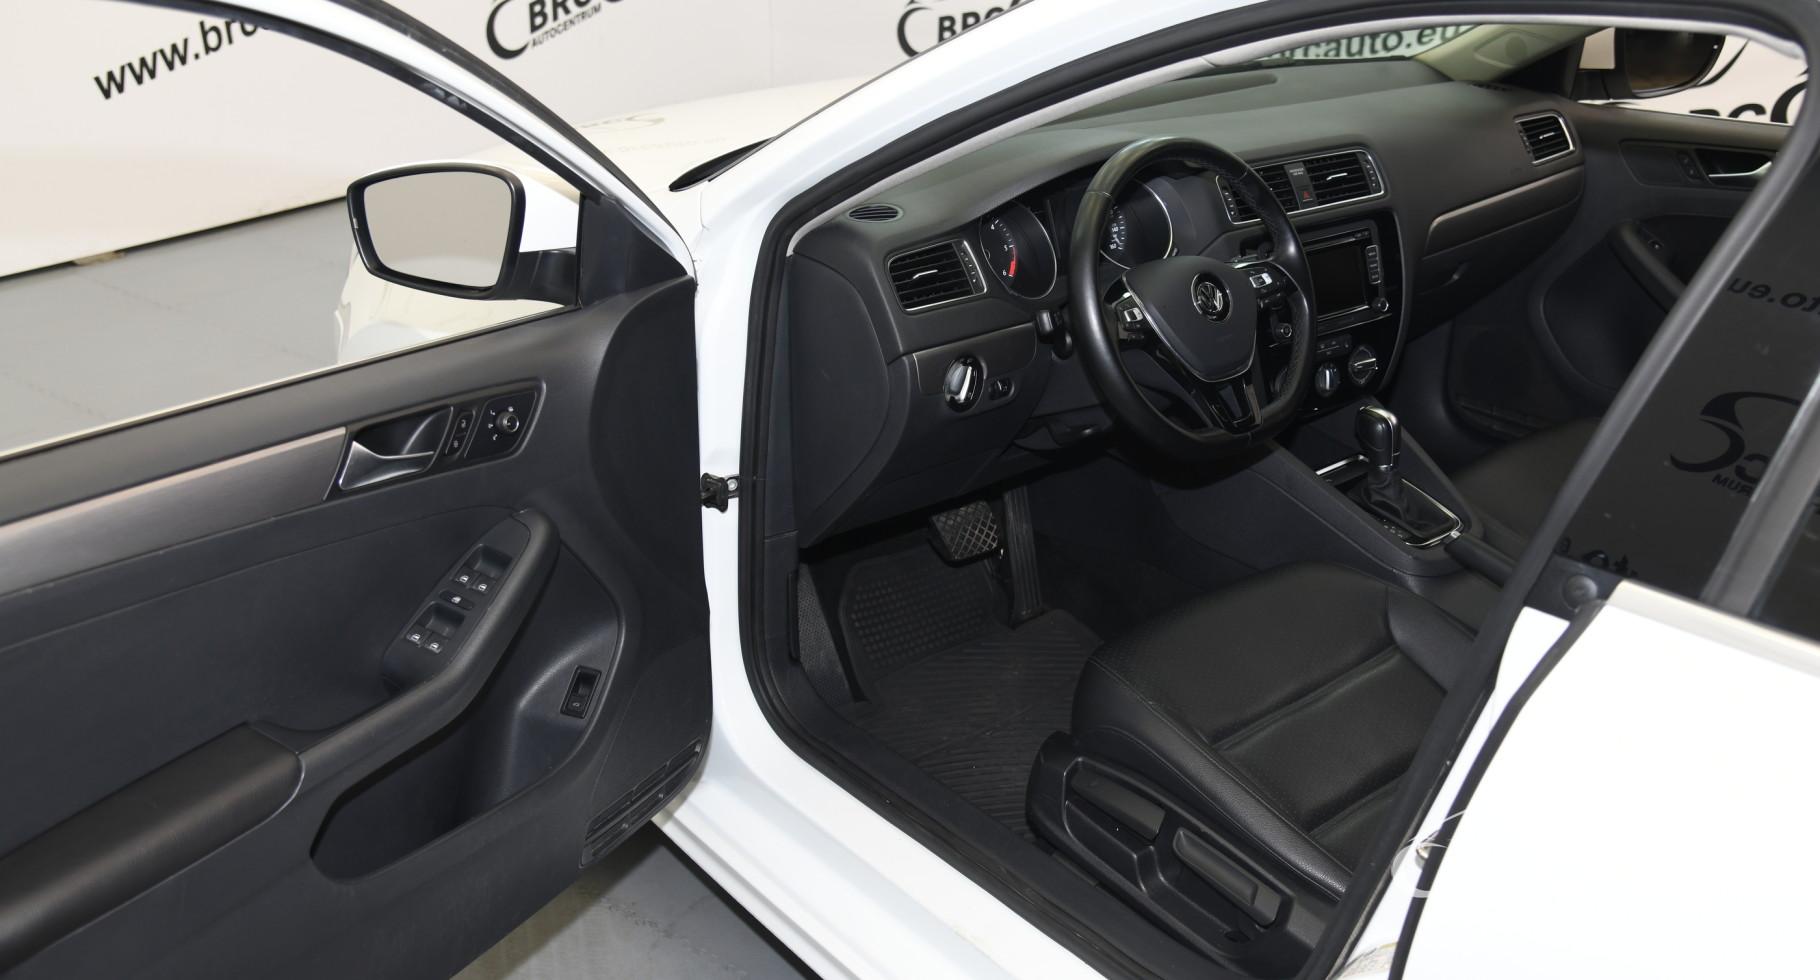 Volkswagen Jetta 2.0 TDI SE Automatas